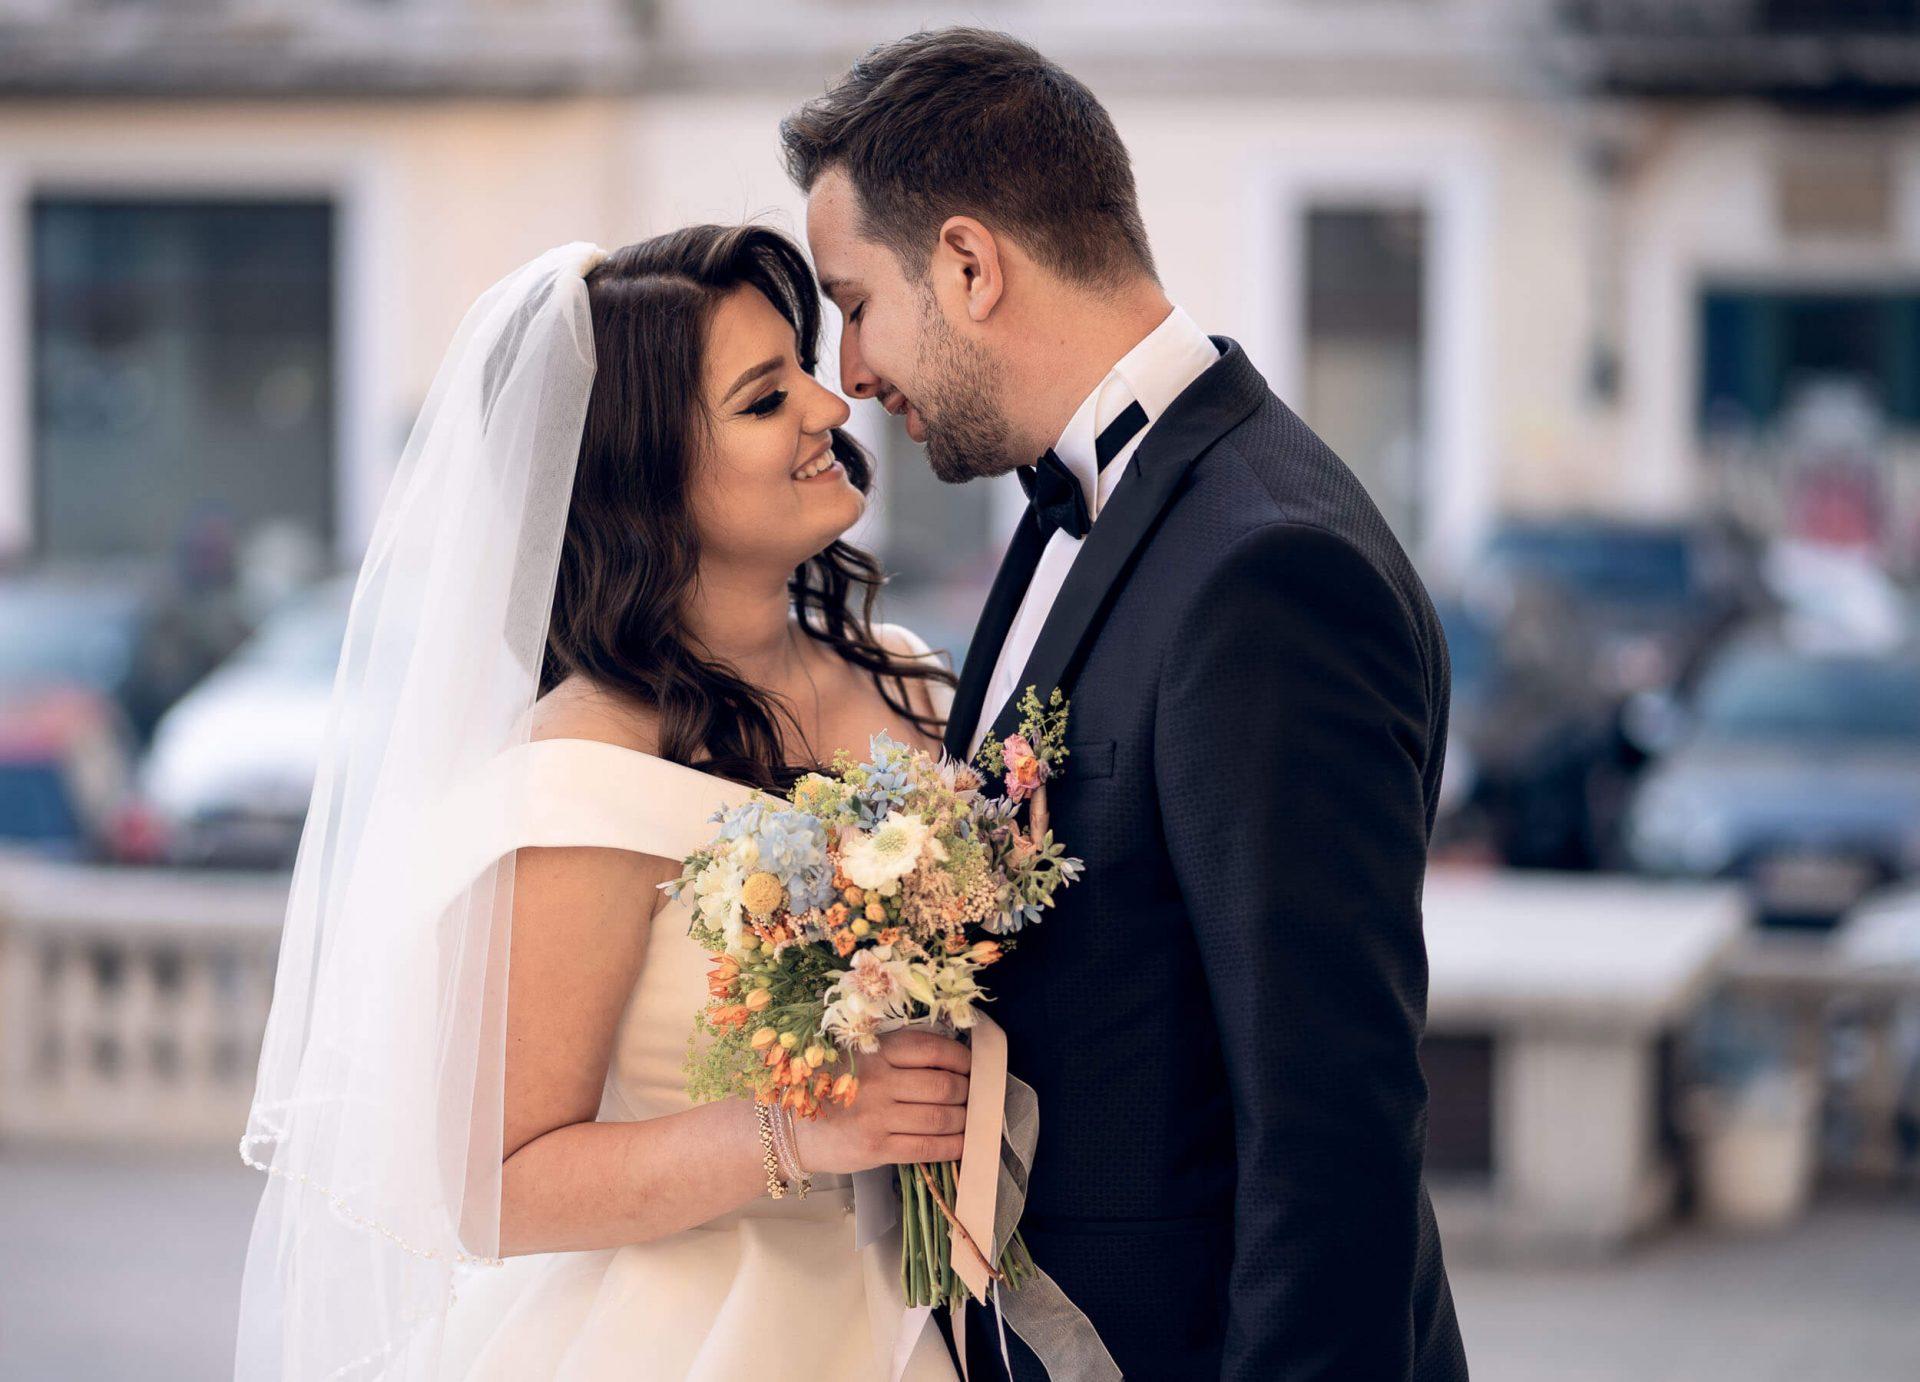 sedinta fotografie de nunta